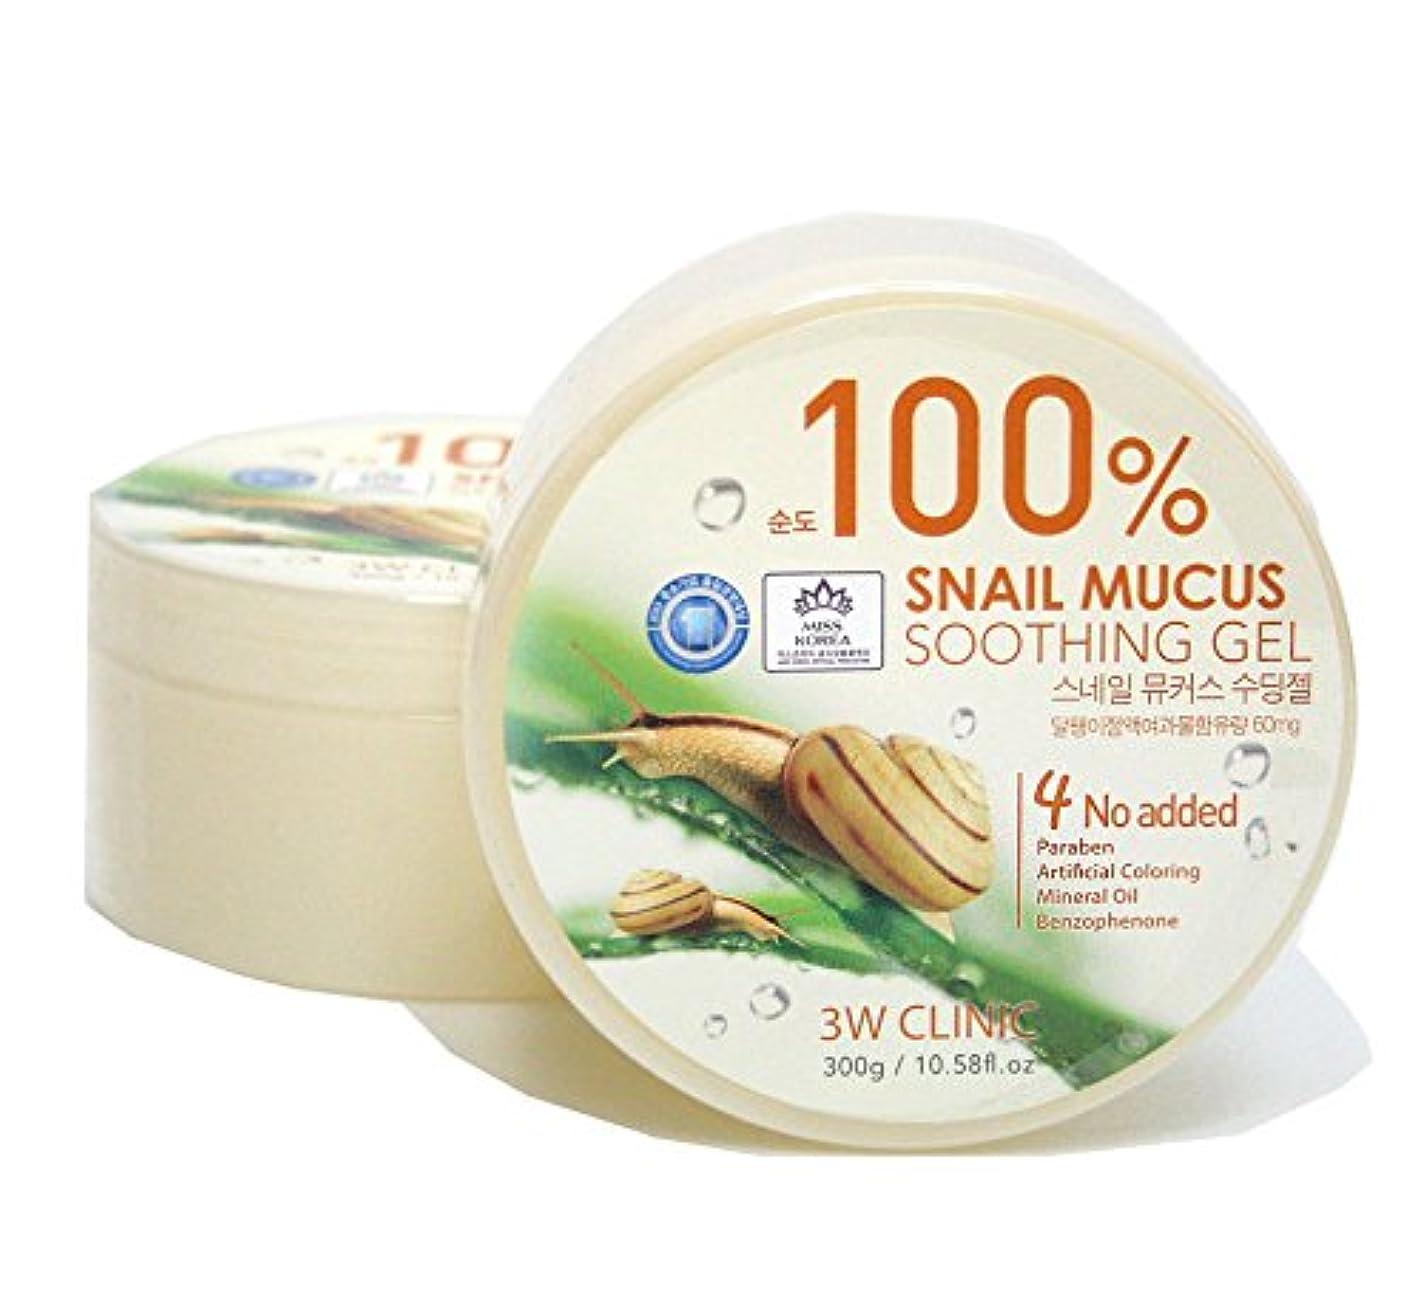 火曜日ピストルデコードする[3W CLINIC] カタツムリ粘液スージングジェル300g / Snail Mucus Soothing Gel 300g / 水分/オールスキンタイプ / Moisture / fresh and smooth /...